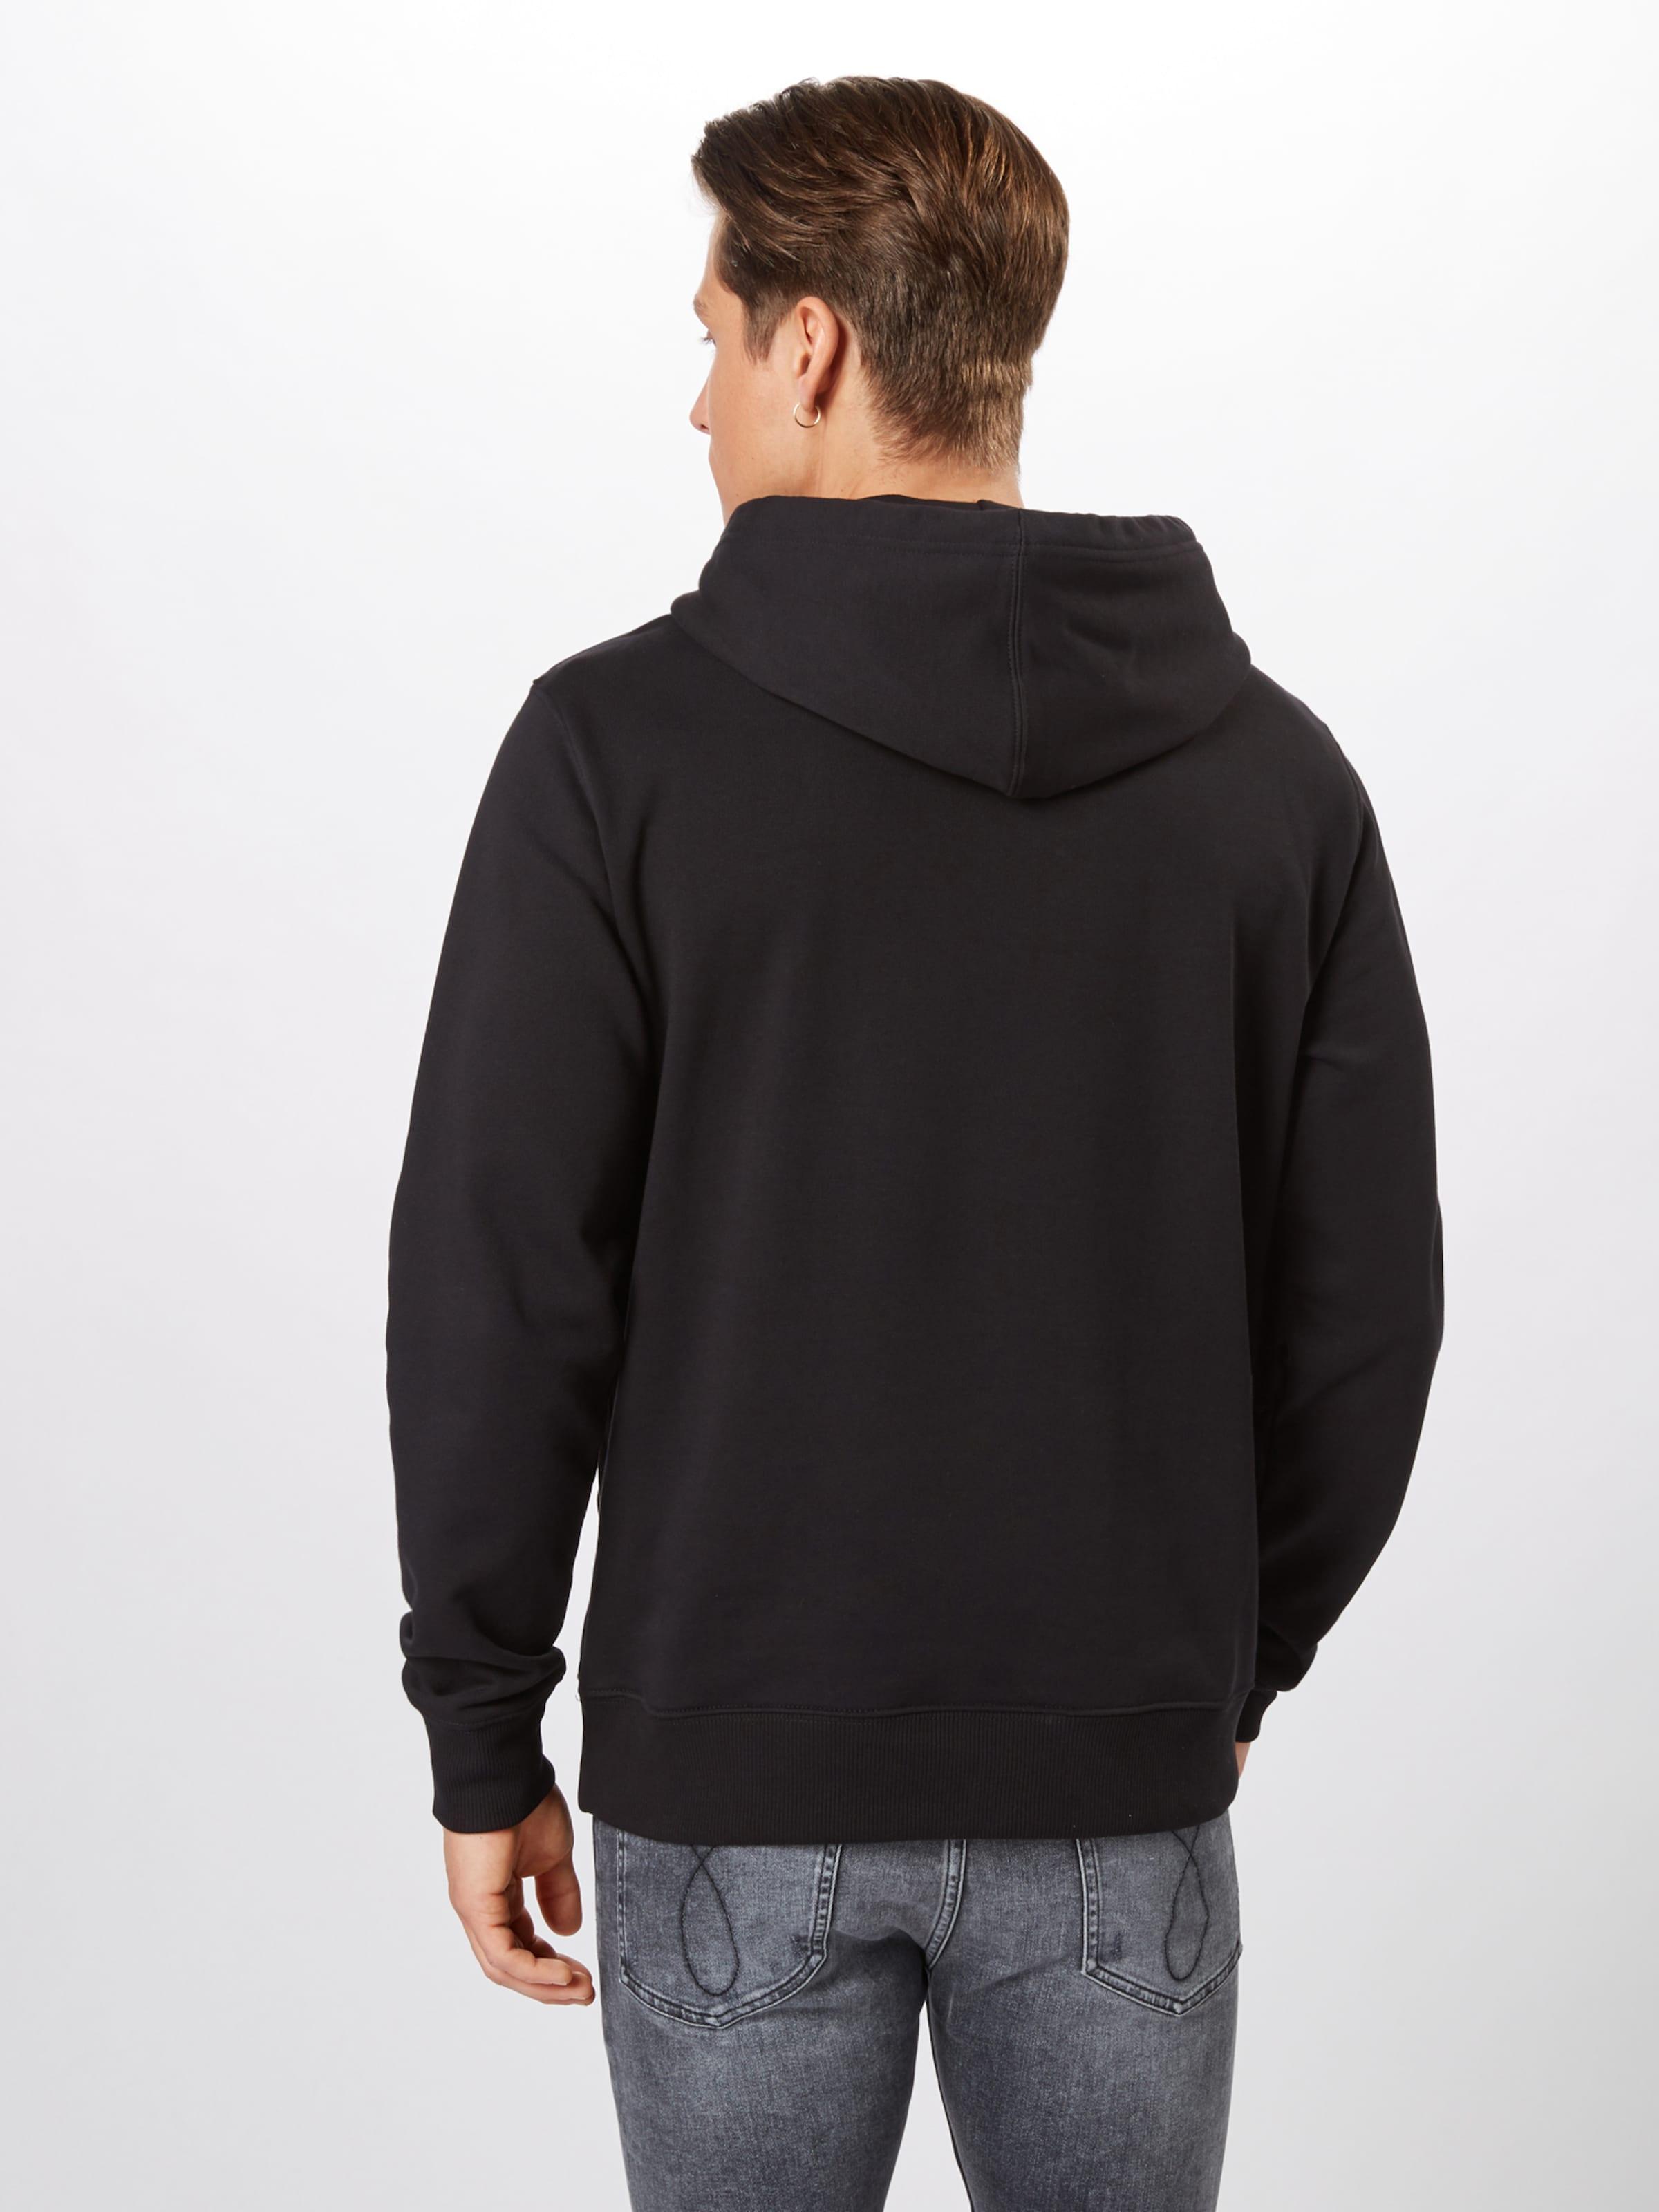 Calvin In MischfarbenSchwarz Klein Sweatshirt Jeans oWCxrdBe